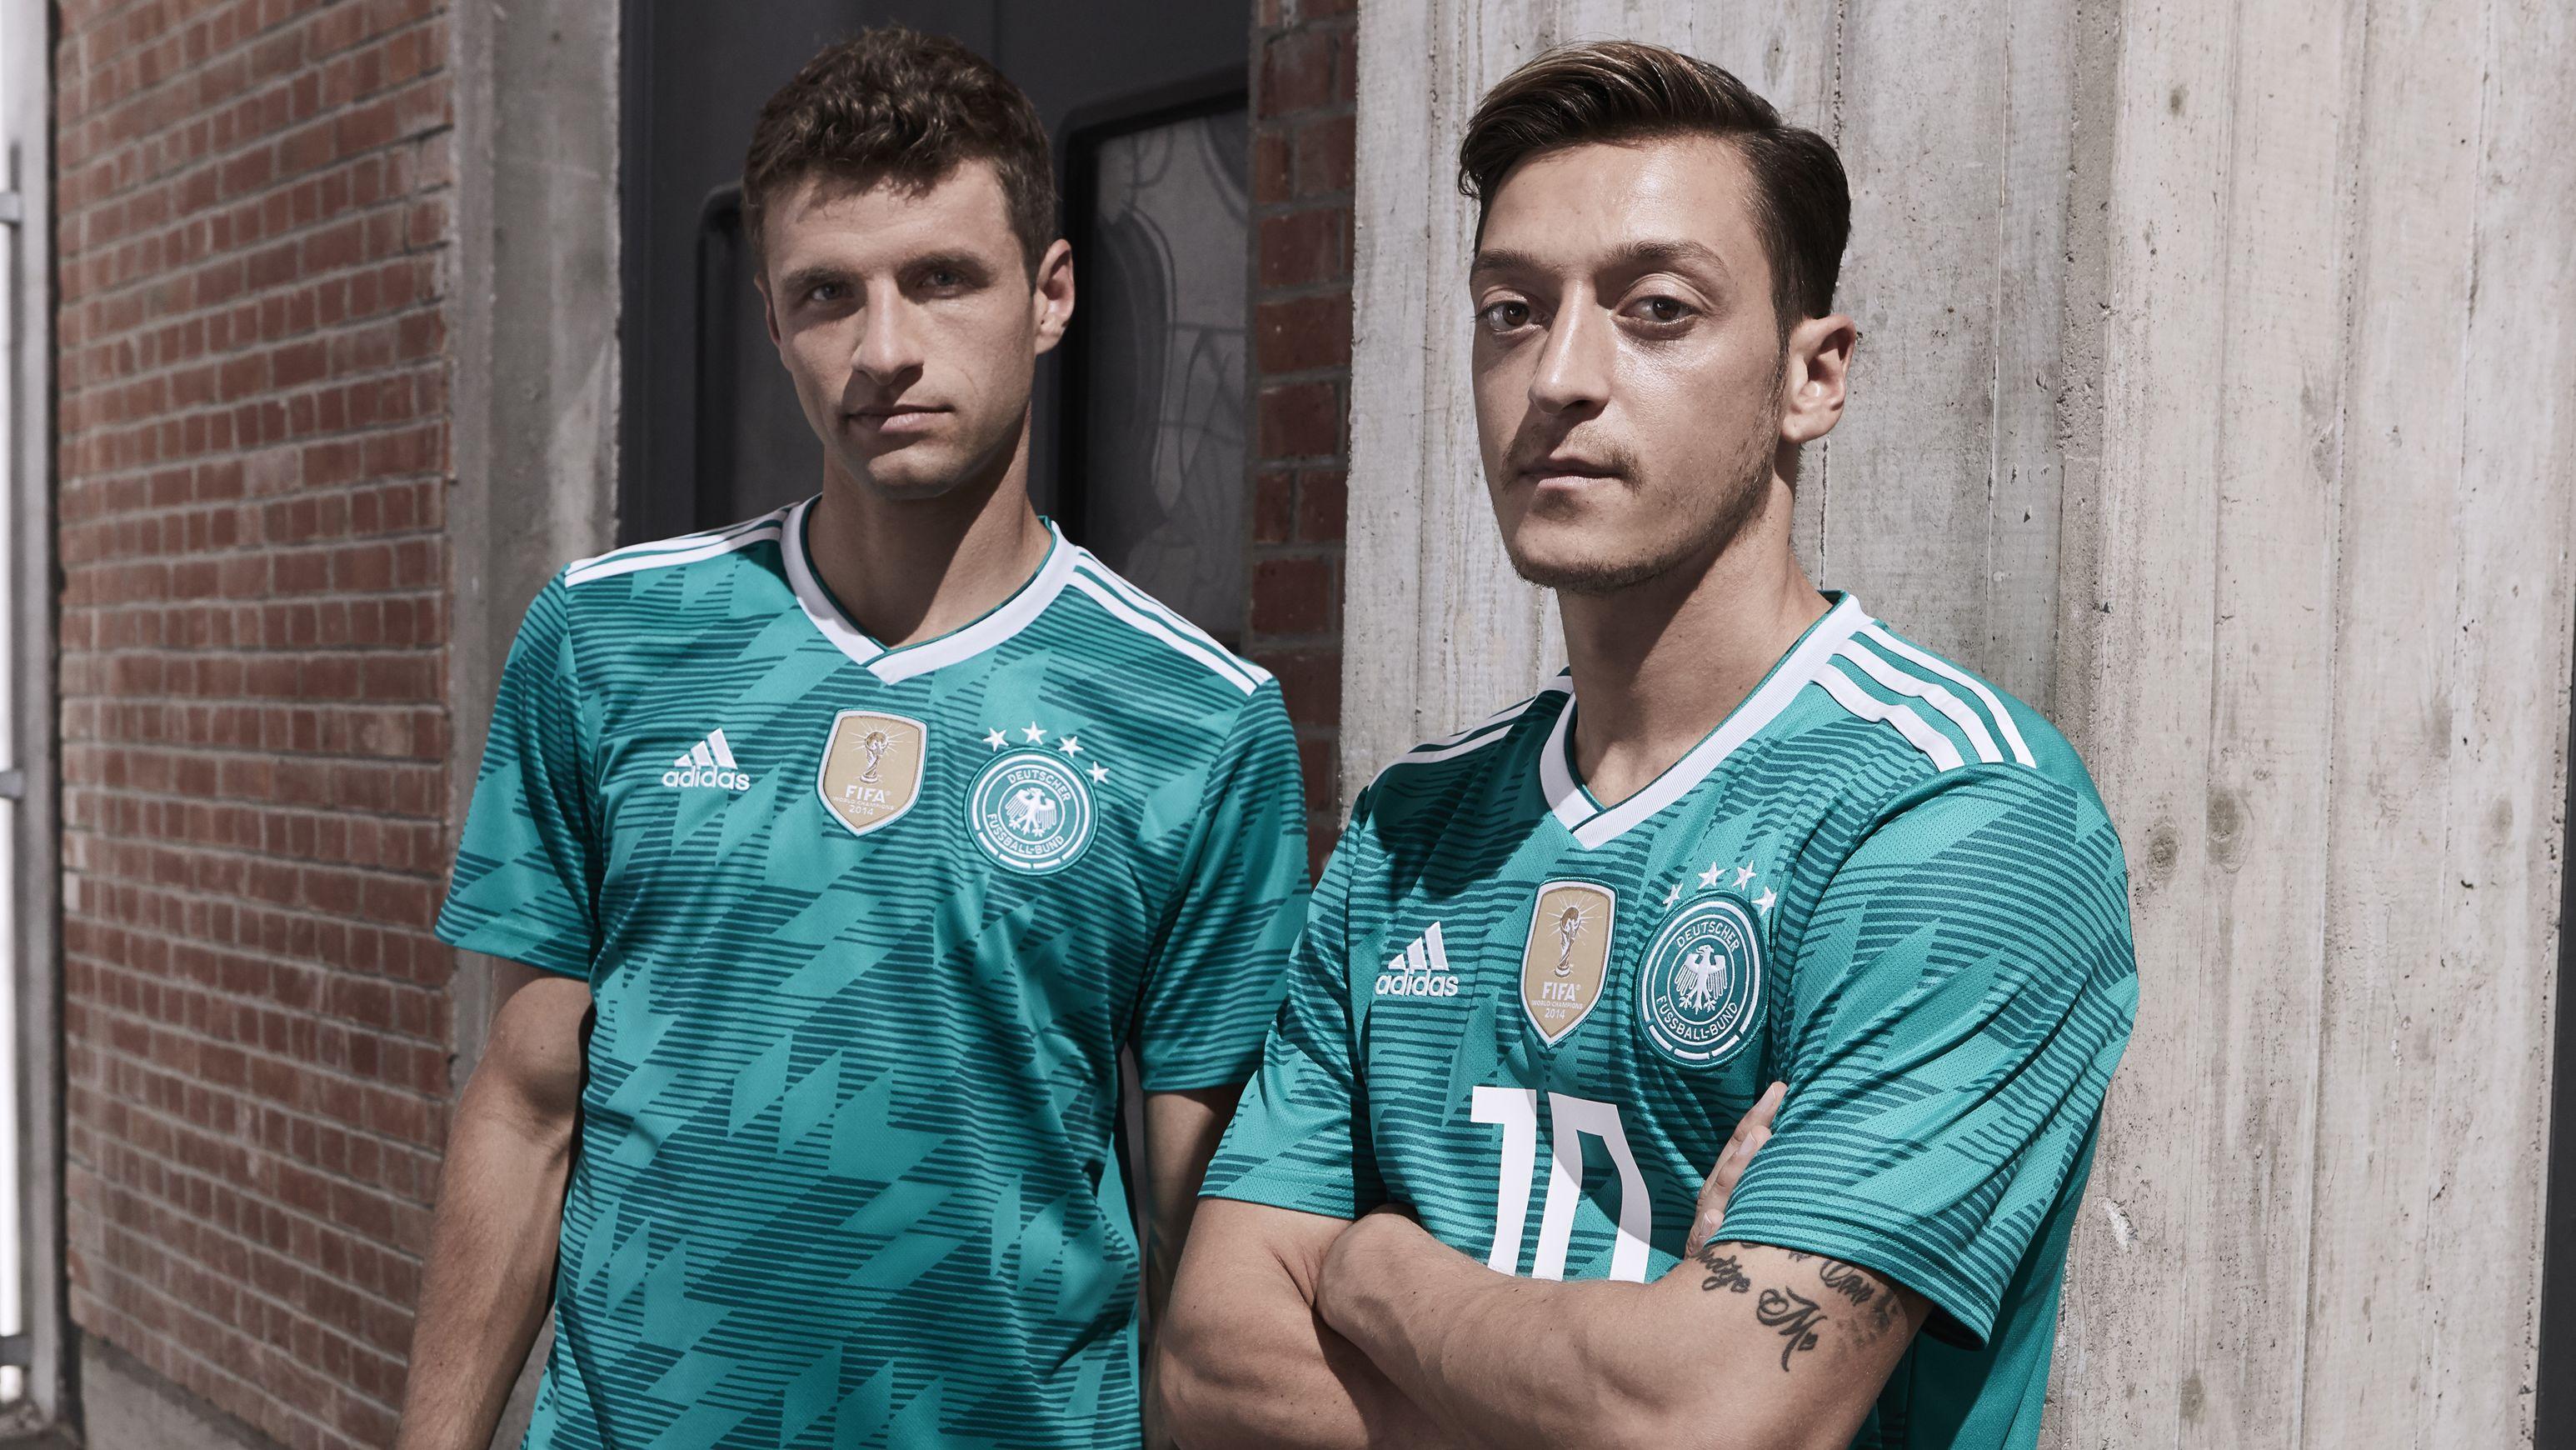 Fussball Wm Adidas Prasentiert Das Auswartstrikot Der